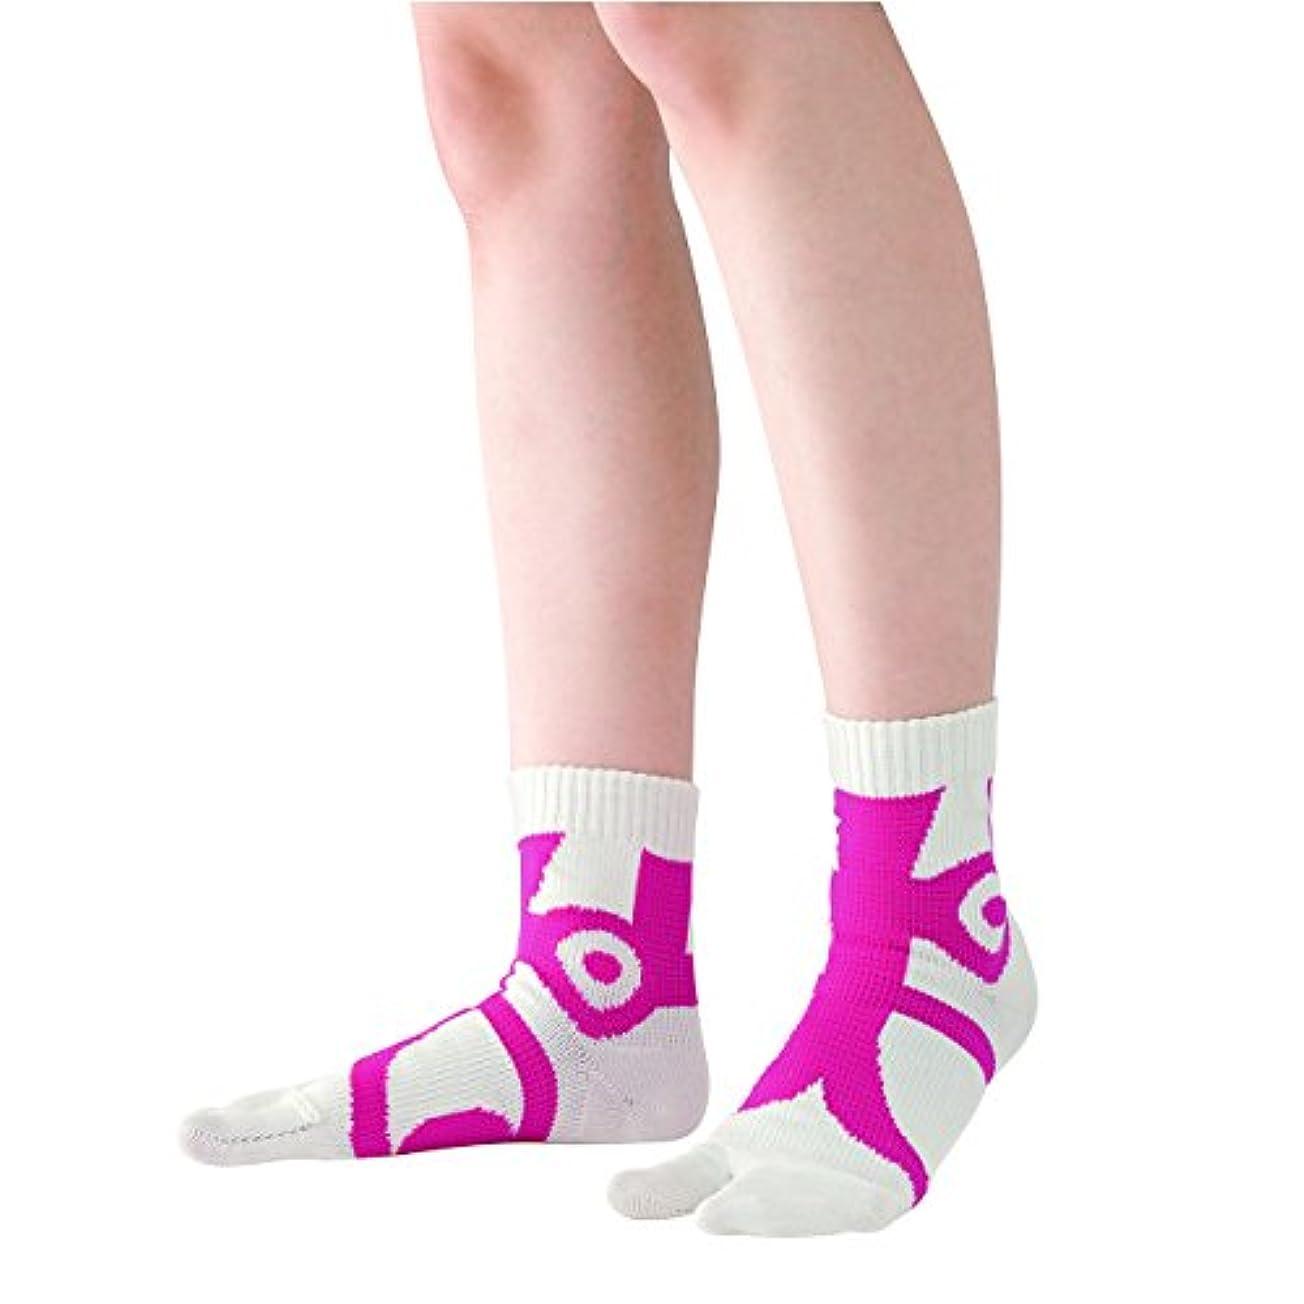 伝染性ユダヤ人と組む快歩テーピング靴下 ホワイト×ピンク